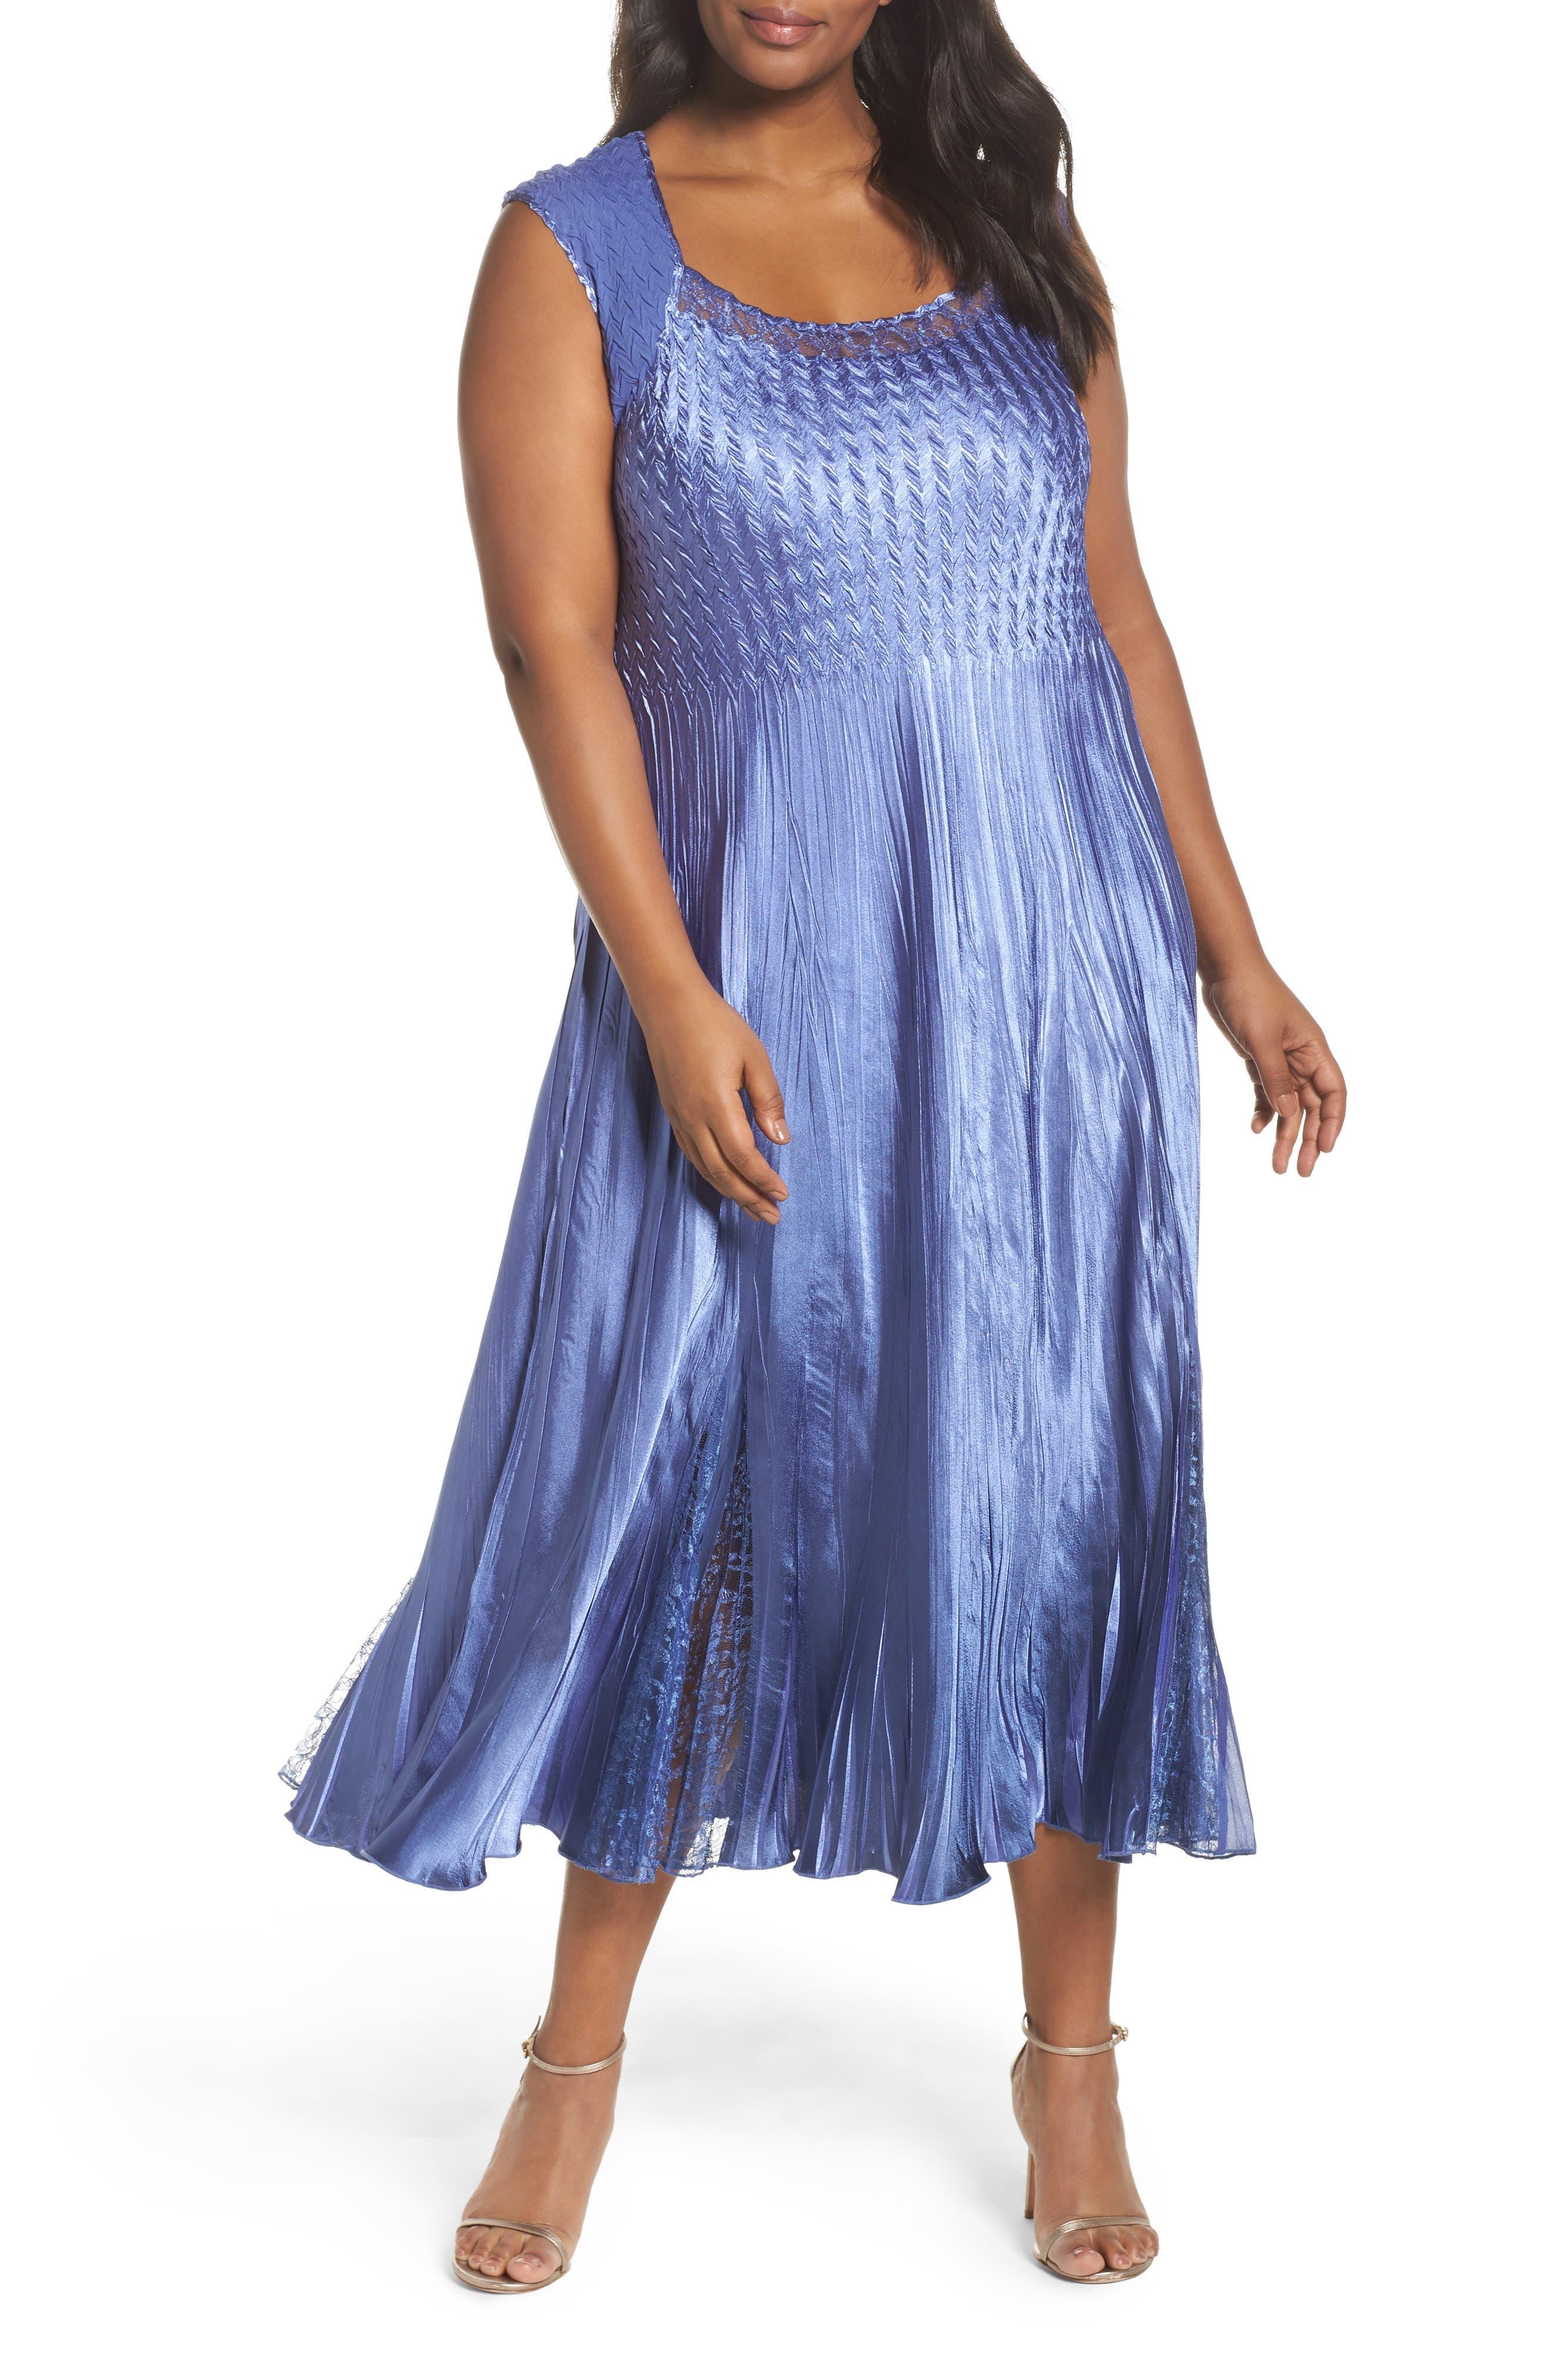 Main Image - Komarov Lace Inset Charmeuse Dress with Chiffon Jacket (Plus Size)